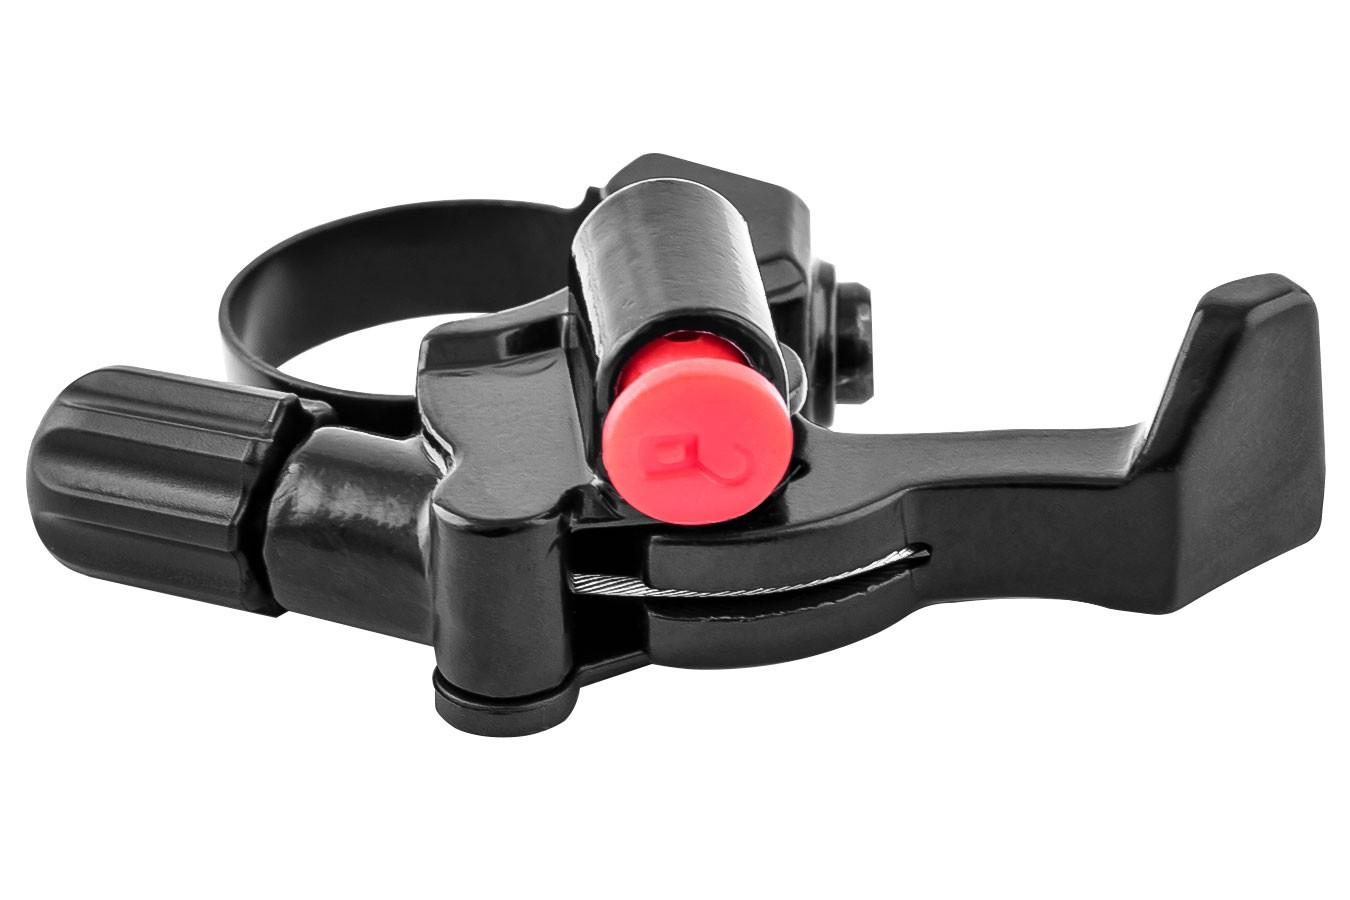 Garfo 29 Suspensão 28,6mm AHS com Trava Remota 525 RL/O – Elleven